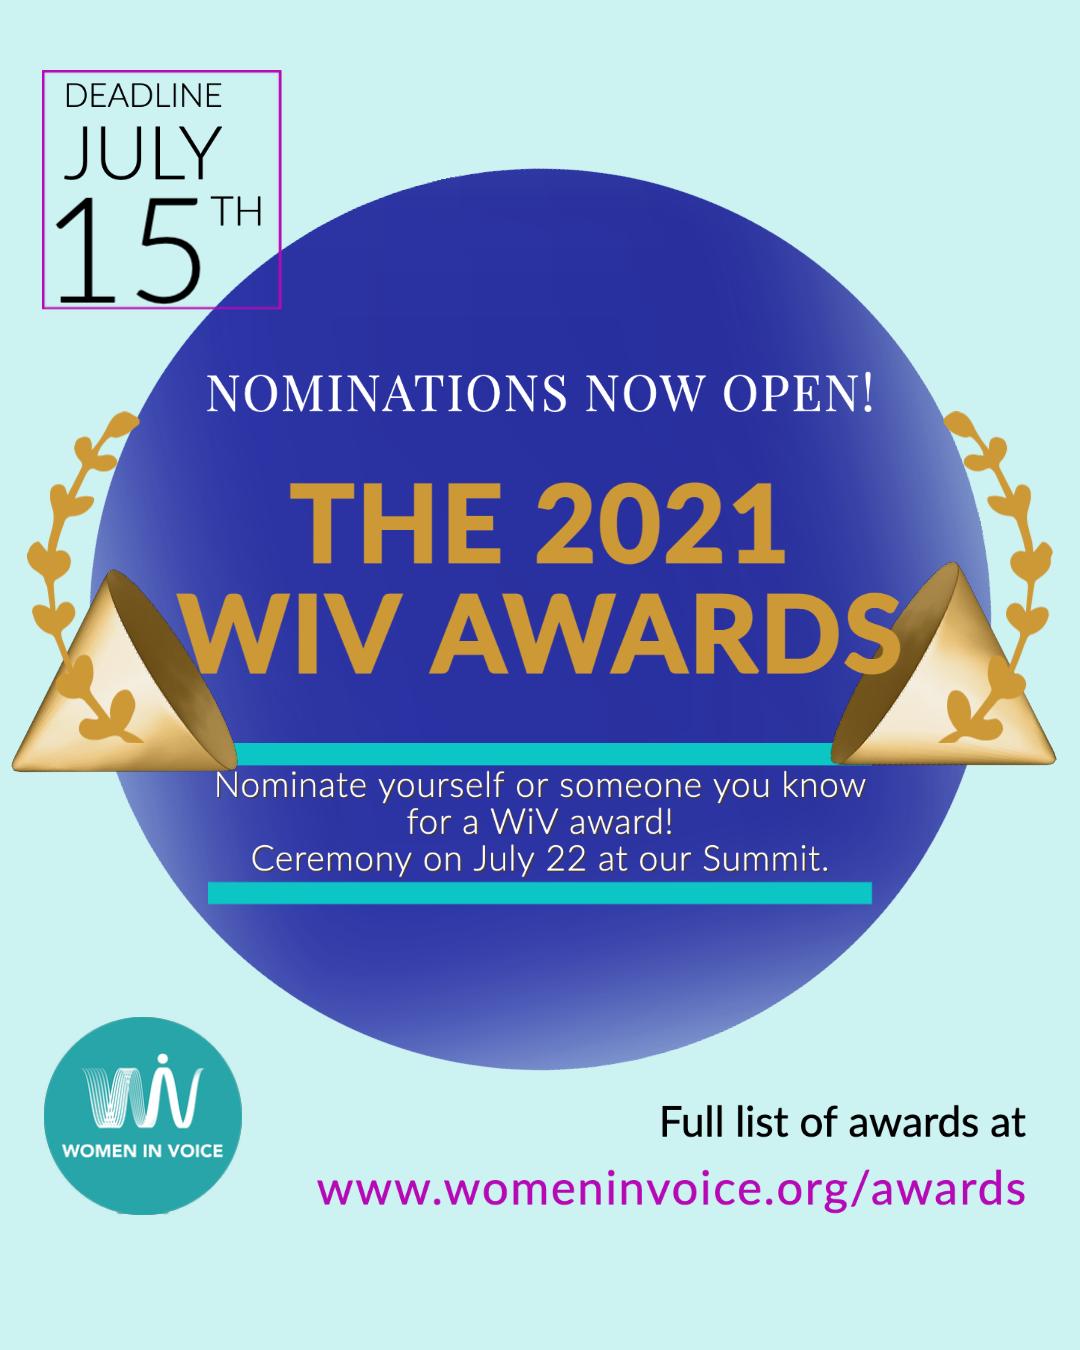 WiV Awards